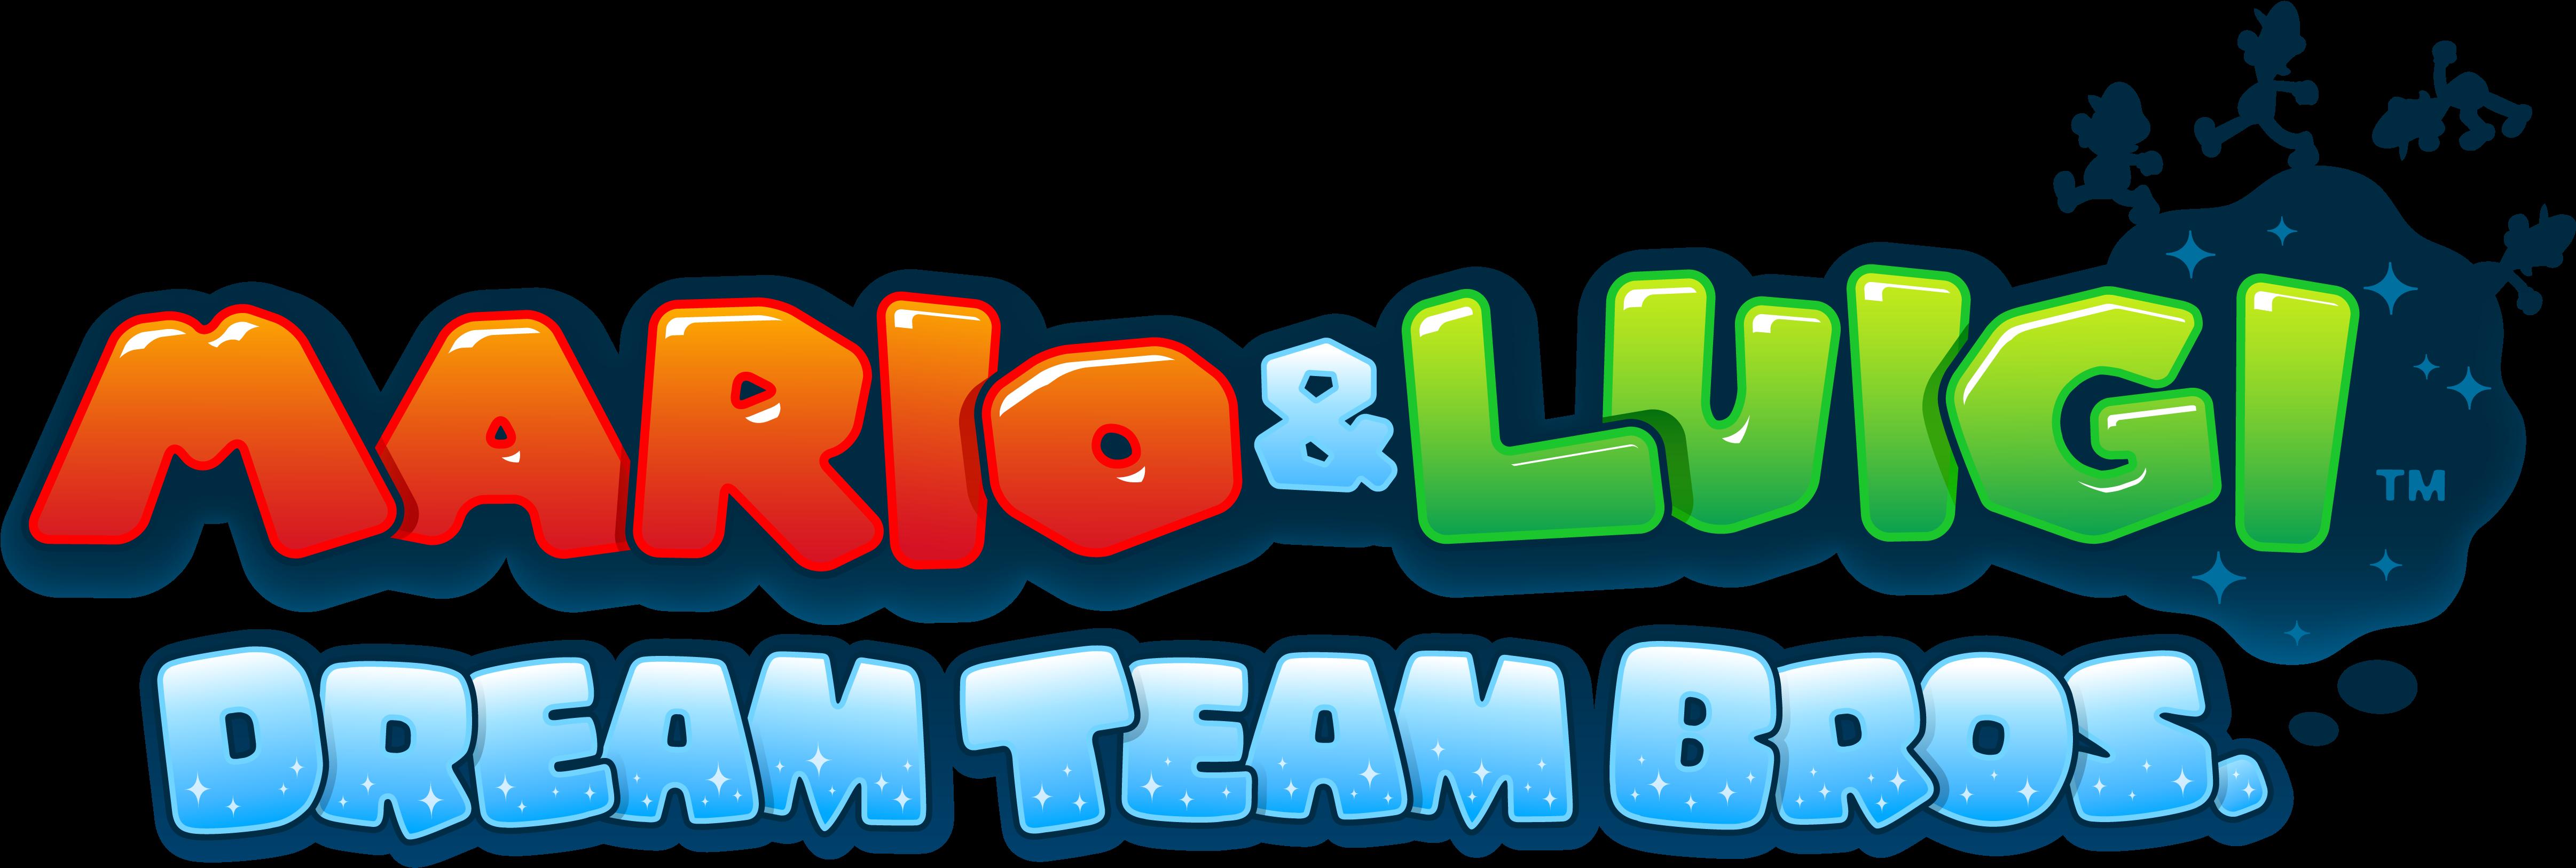 Download Mario Luigi Dream Team Bros Mario Luigi Dream Team 3ds Game Png Image With No Background Pngkey Com